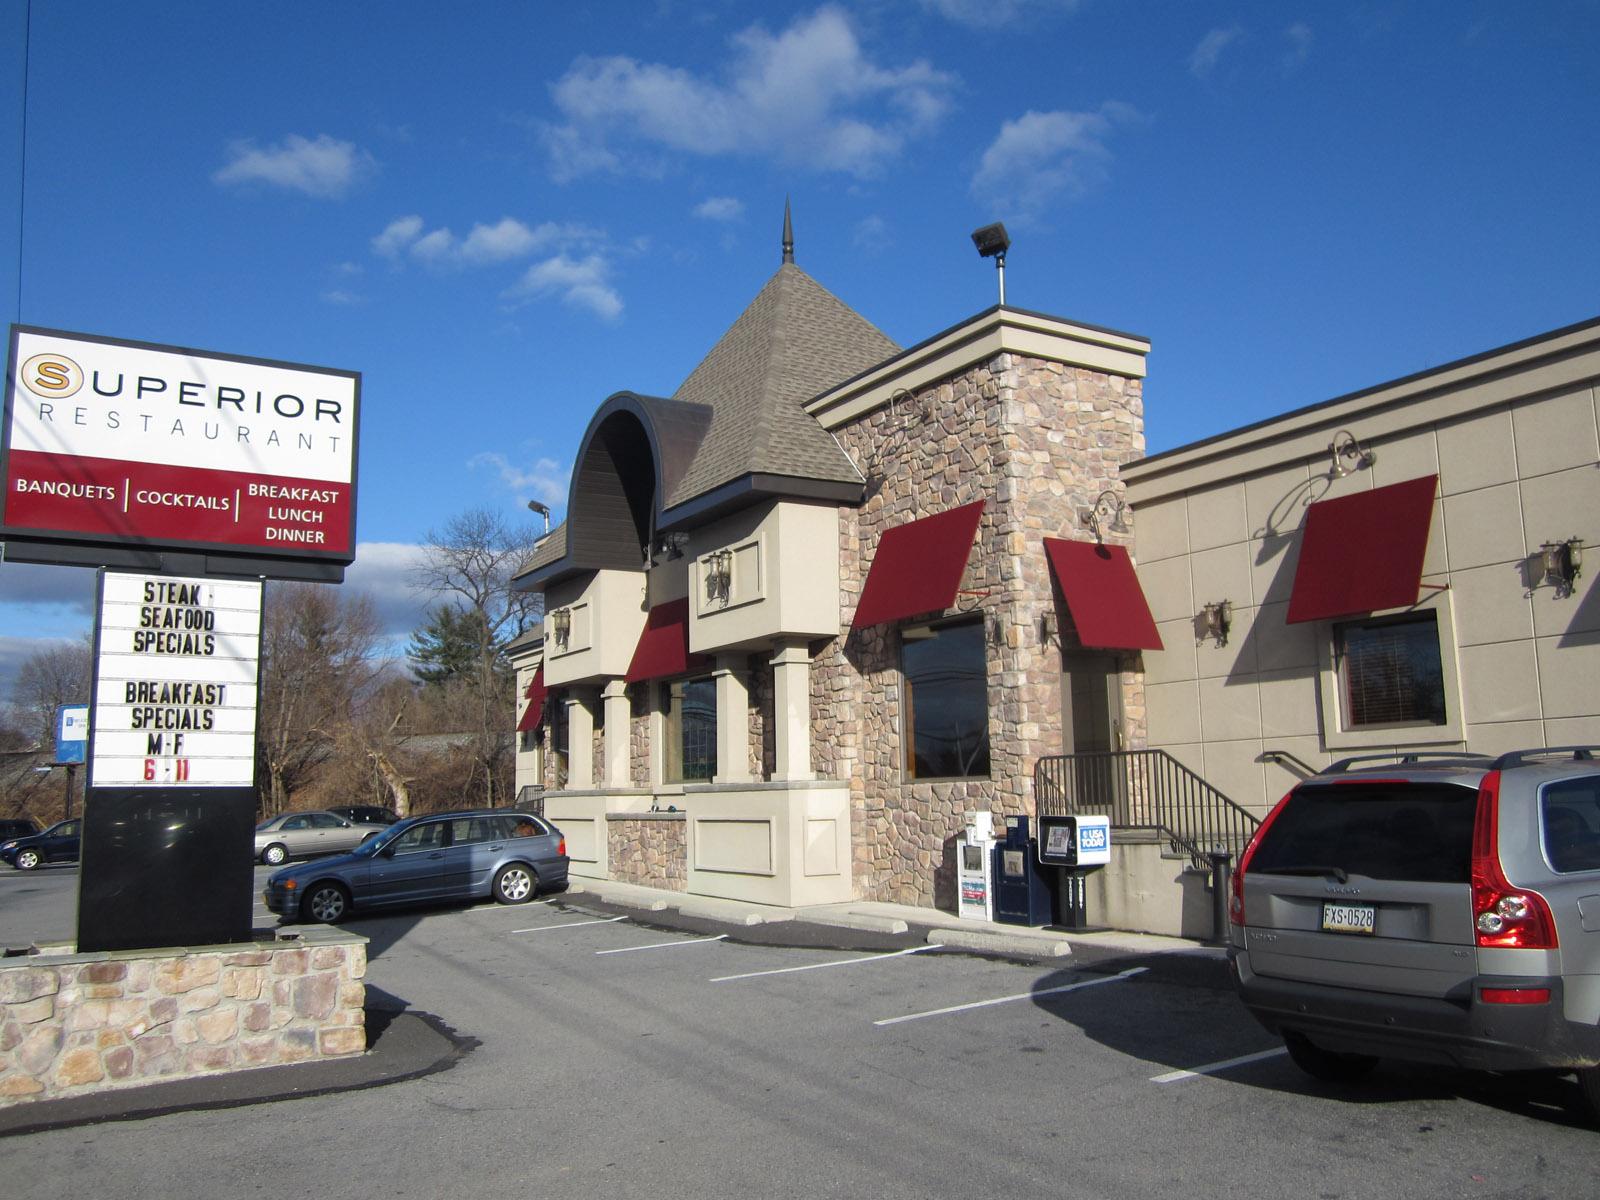 Superior Restaurant Emmaus Pa